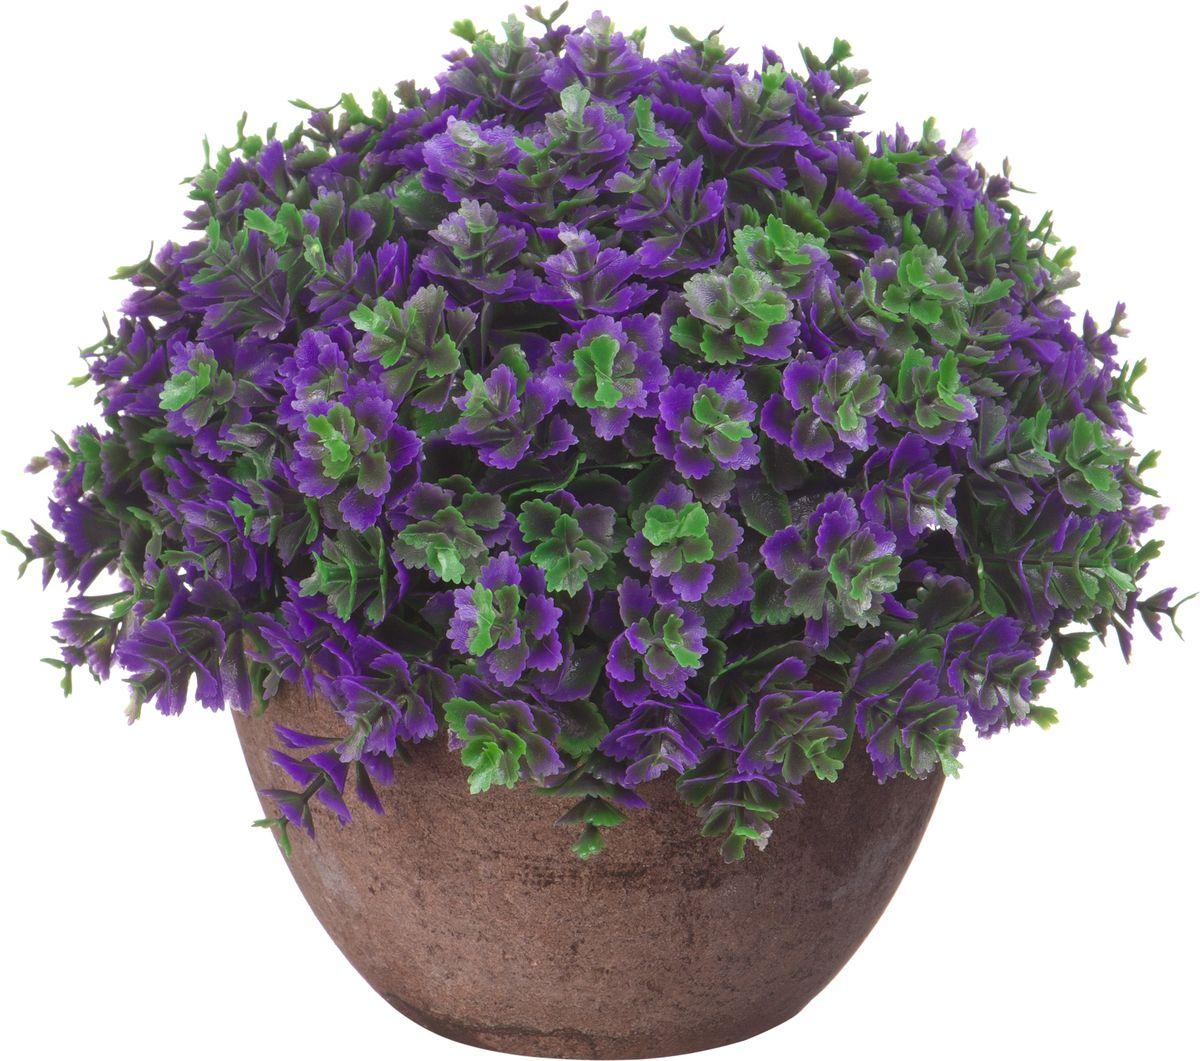 Композиция цветочная Engard Азалия, в кашпо, цвет: фиолетовый, 15 х 13,5 смB18фиолИскусственные цветы Engard - это популярное дизайнерское решение для создания природного колорита и гармонии в пространстве. Декоративная азалия высотой 15 см выглядит аккуратно и довольно реалистично. Керамический горшок цвета эспрессо прекрасно впишется в любой интерьер.